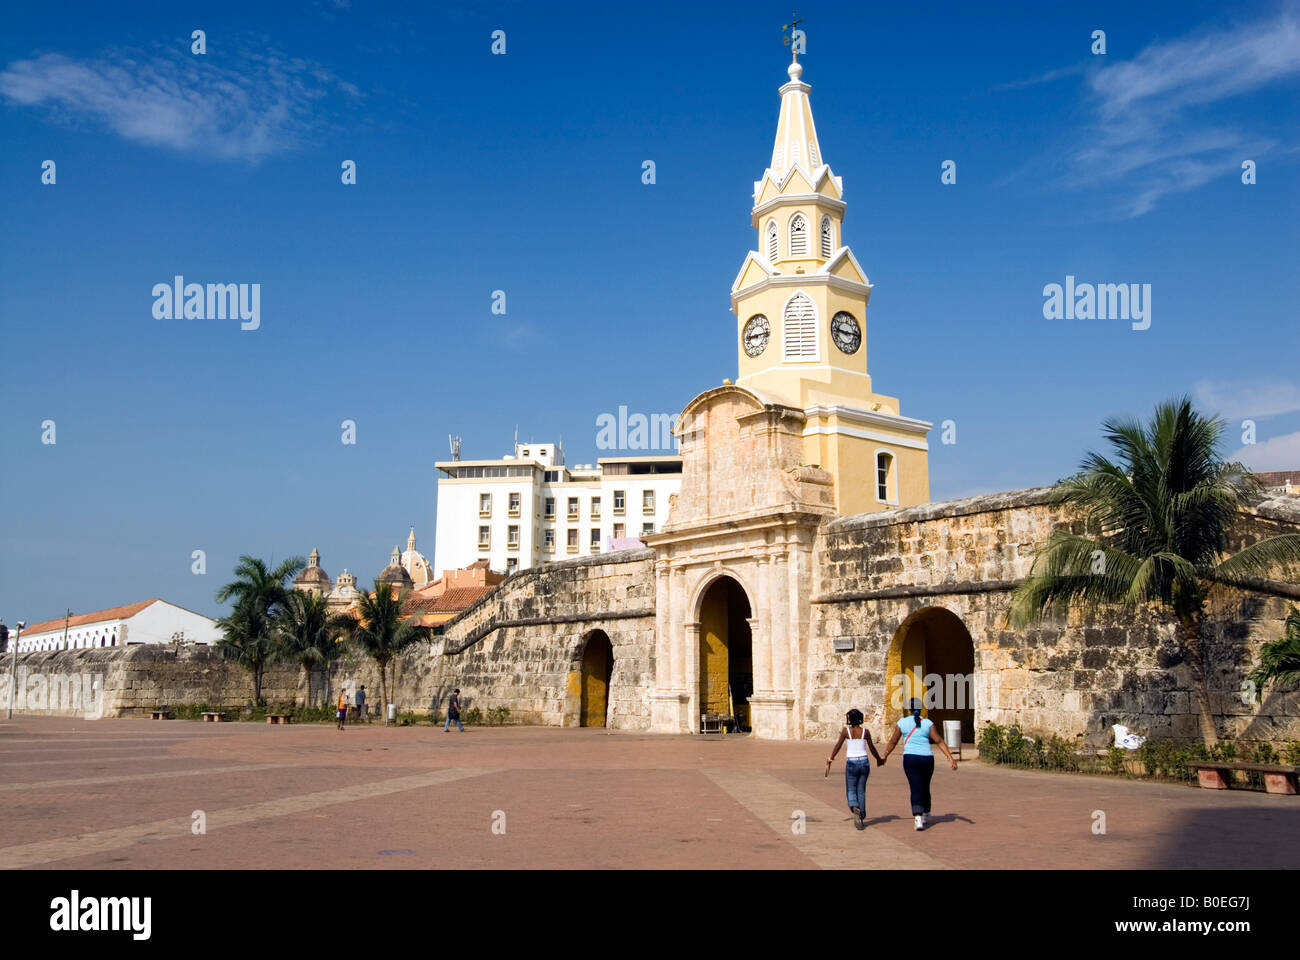 Puerta de la torre del reloj o la Puerta del Reloj, Cartagena de Indias, Colombia Imagen De Stock